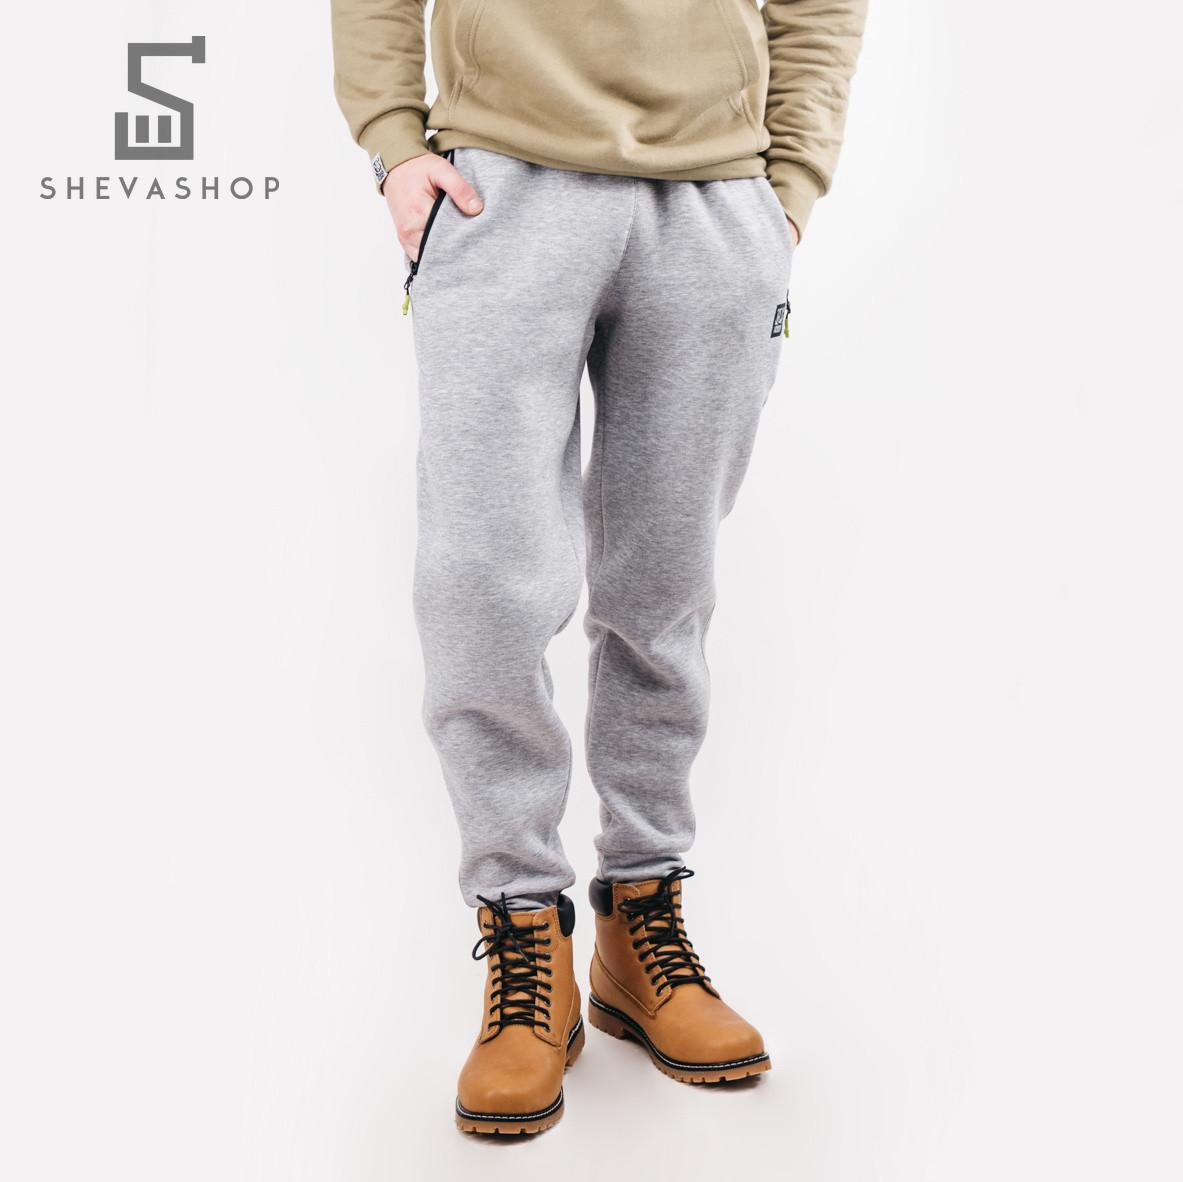 a3d7f3c2 Теплые спортивные штаны UP FLEX серые - купить по лучшей цене в ...